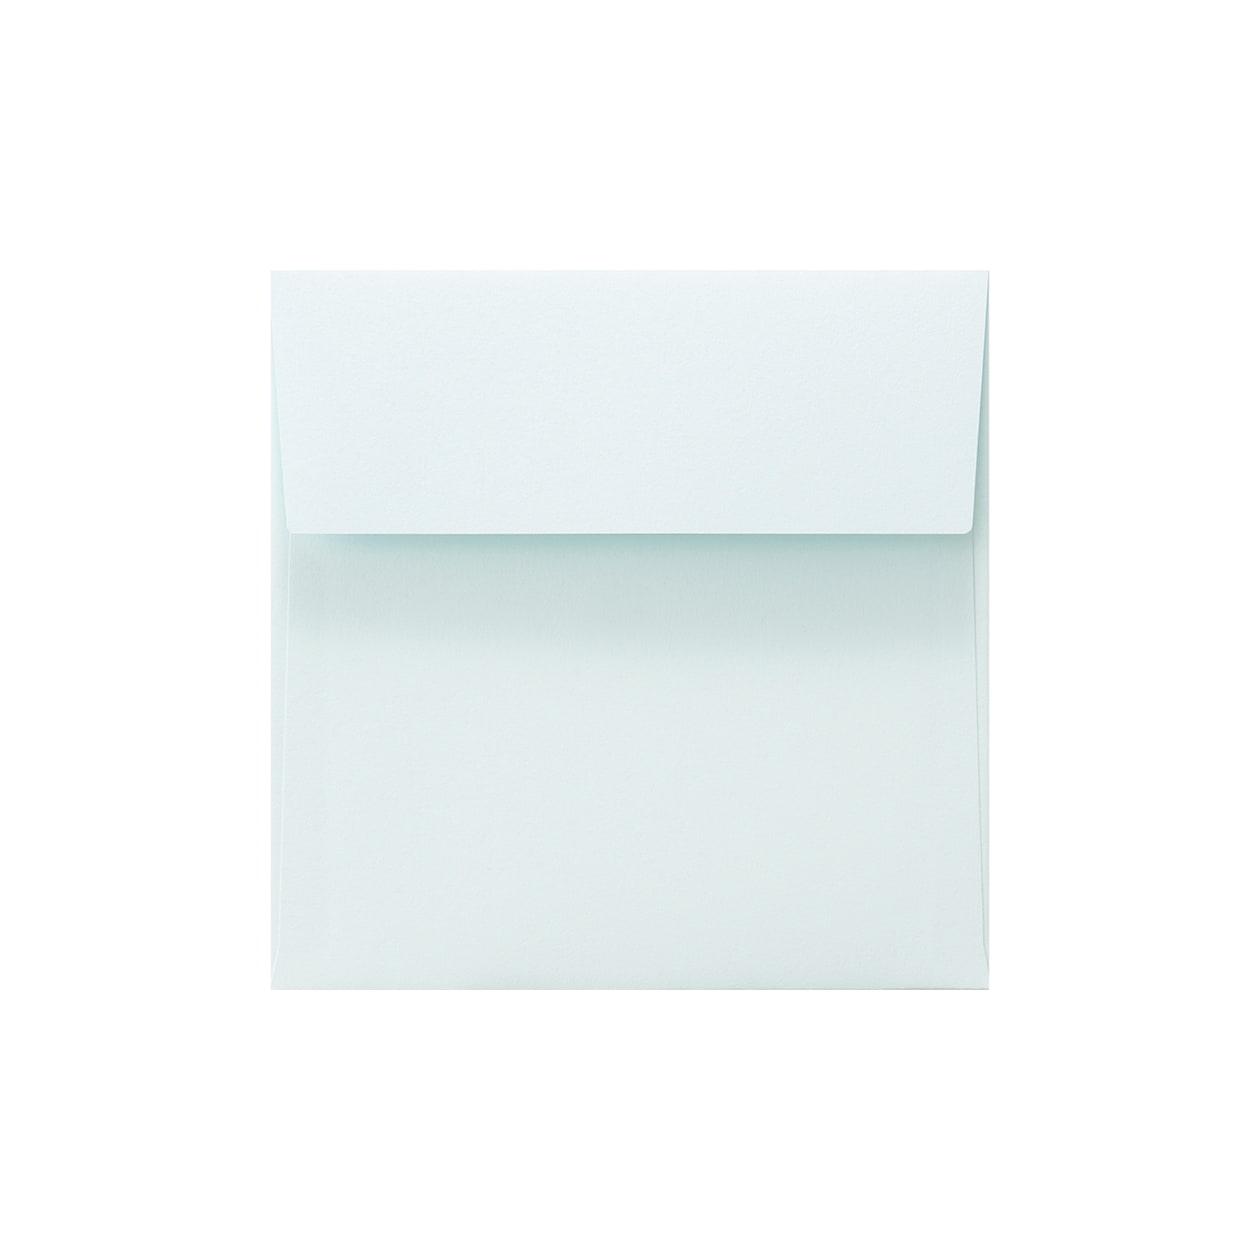 SE16カマス封筒 コットン ブルー 116.3g